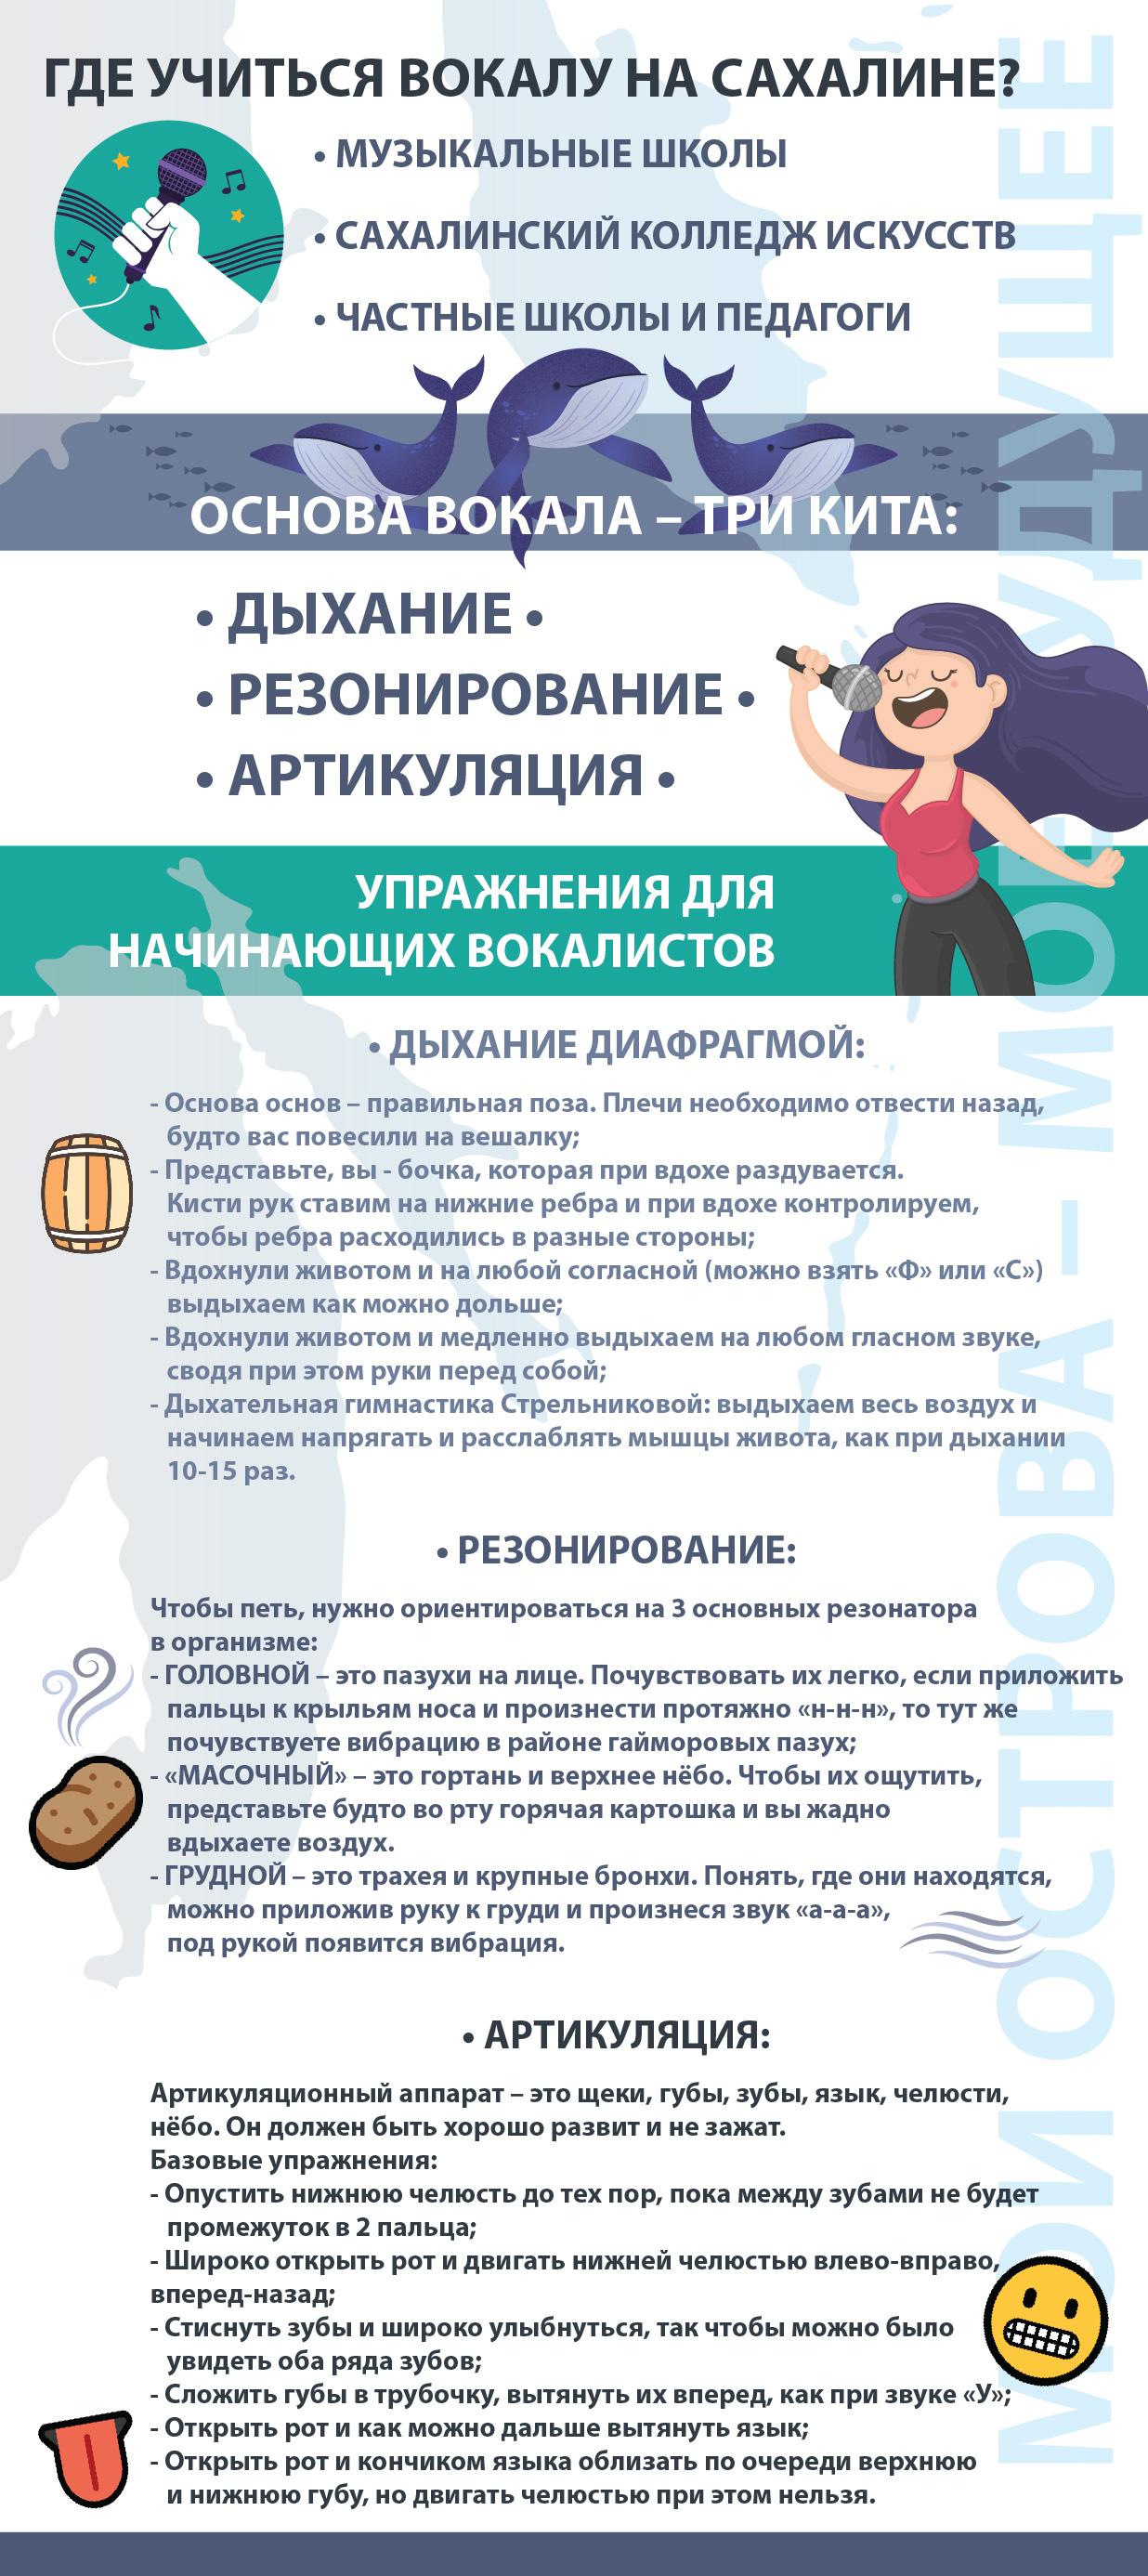 Вокал2-01 (1)